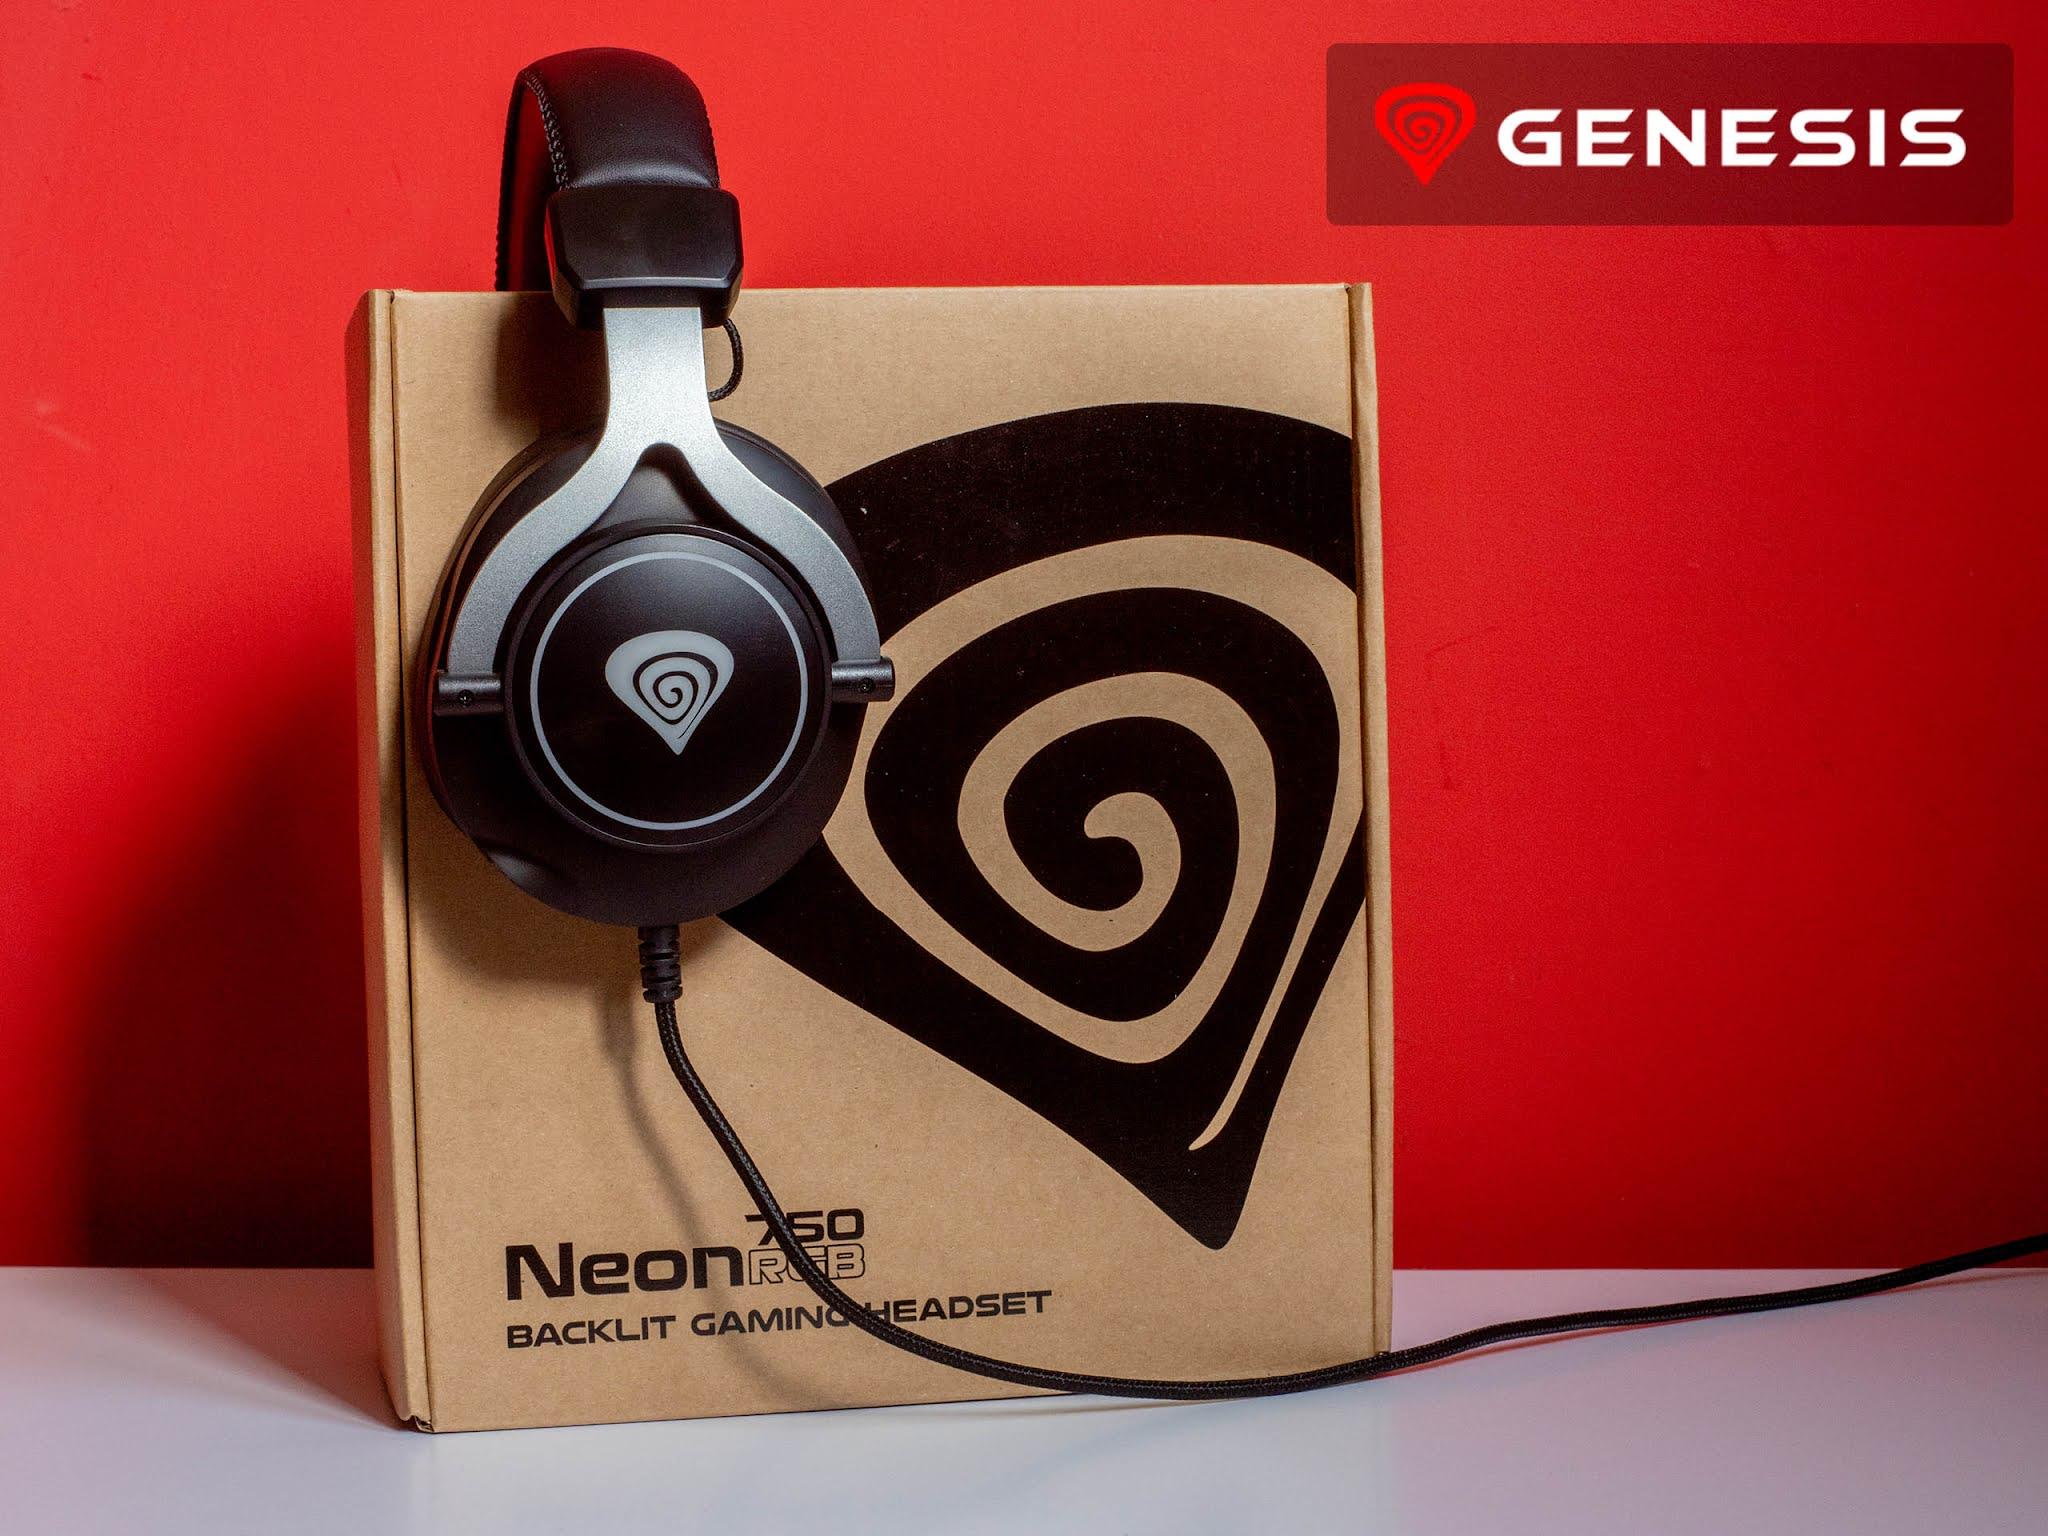 Słuchawki gamingowe Genesis Neon 750 RGB